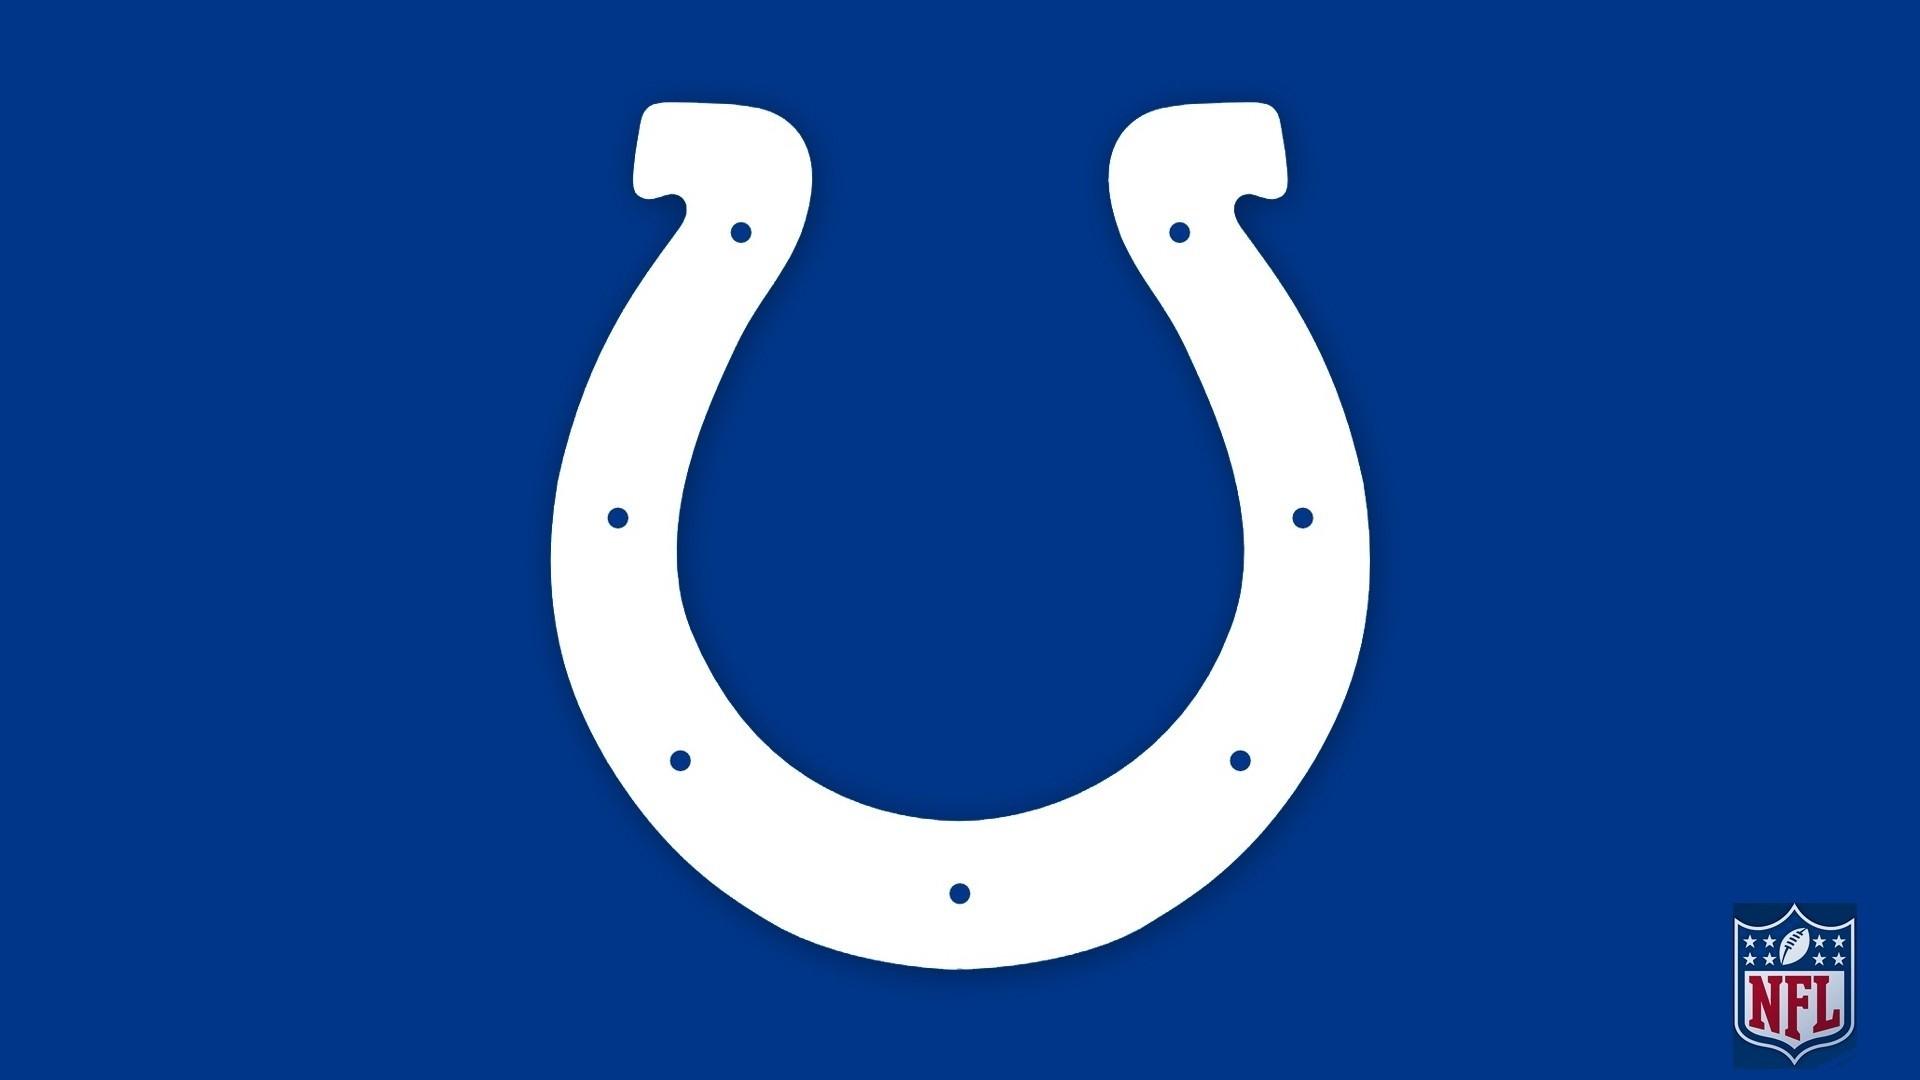 Colts HD Wallpaper